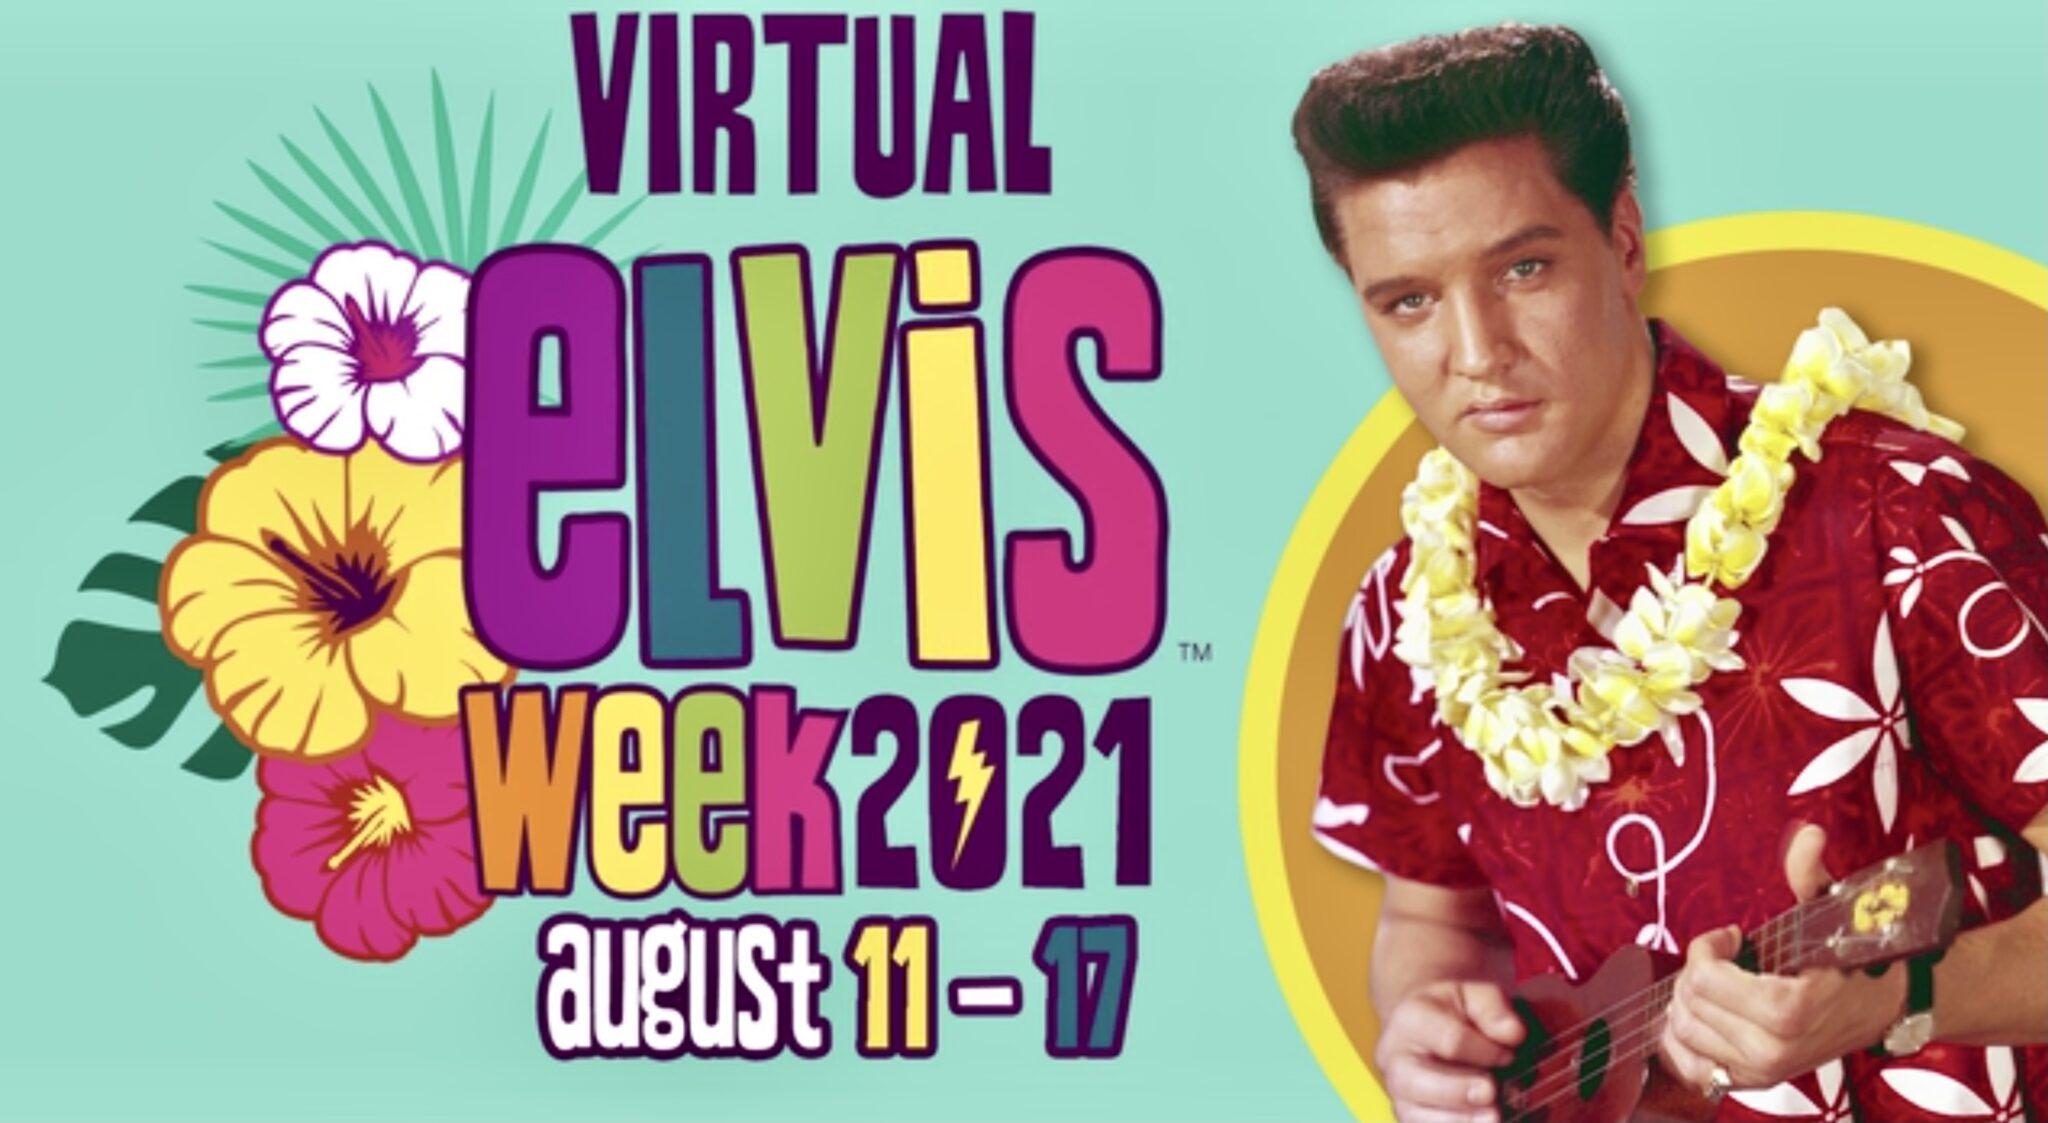 Virtual Elvis Week